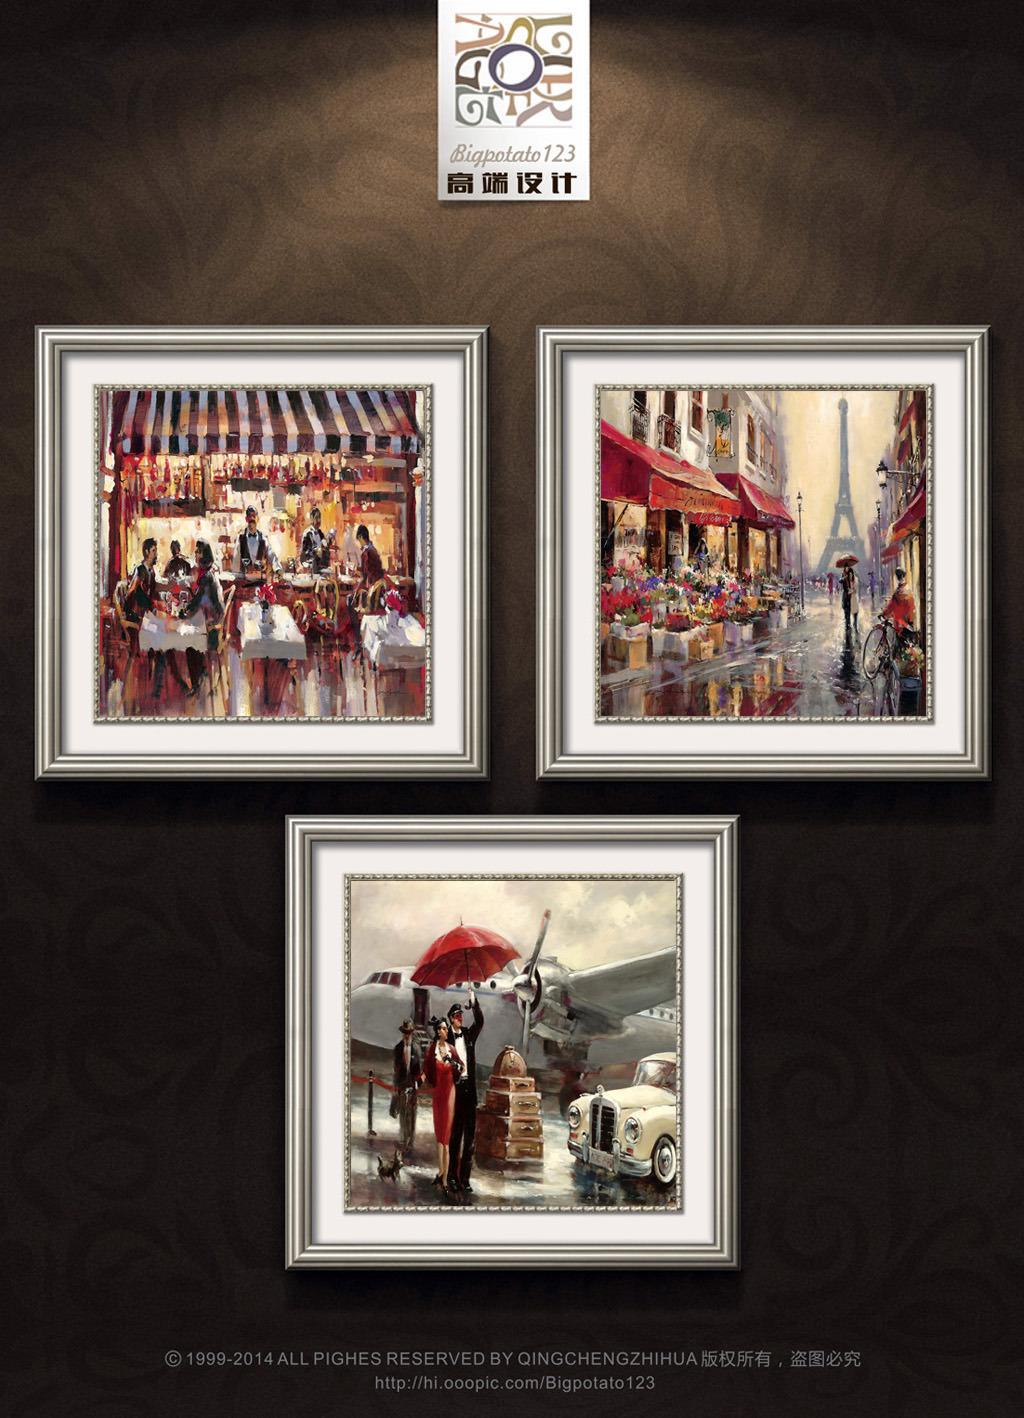 美式复古街景咖啡厅装饰画图片